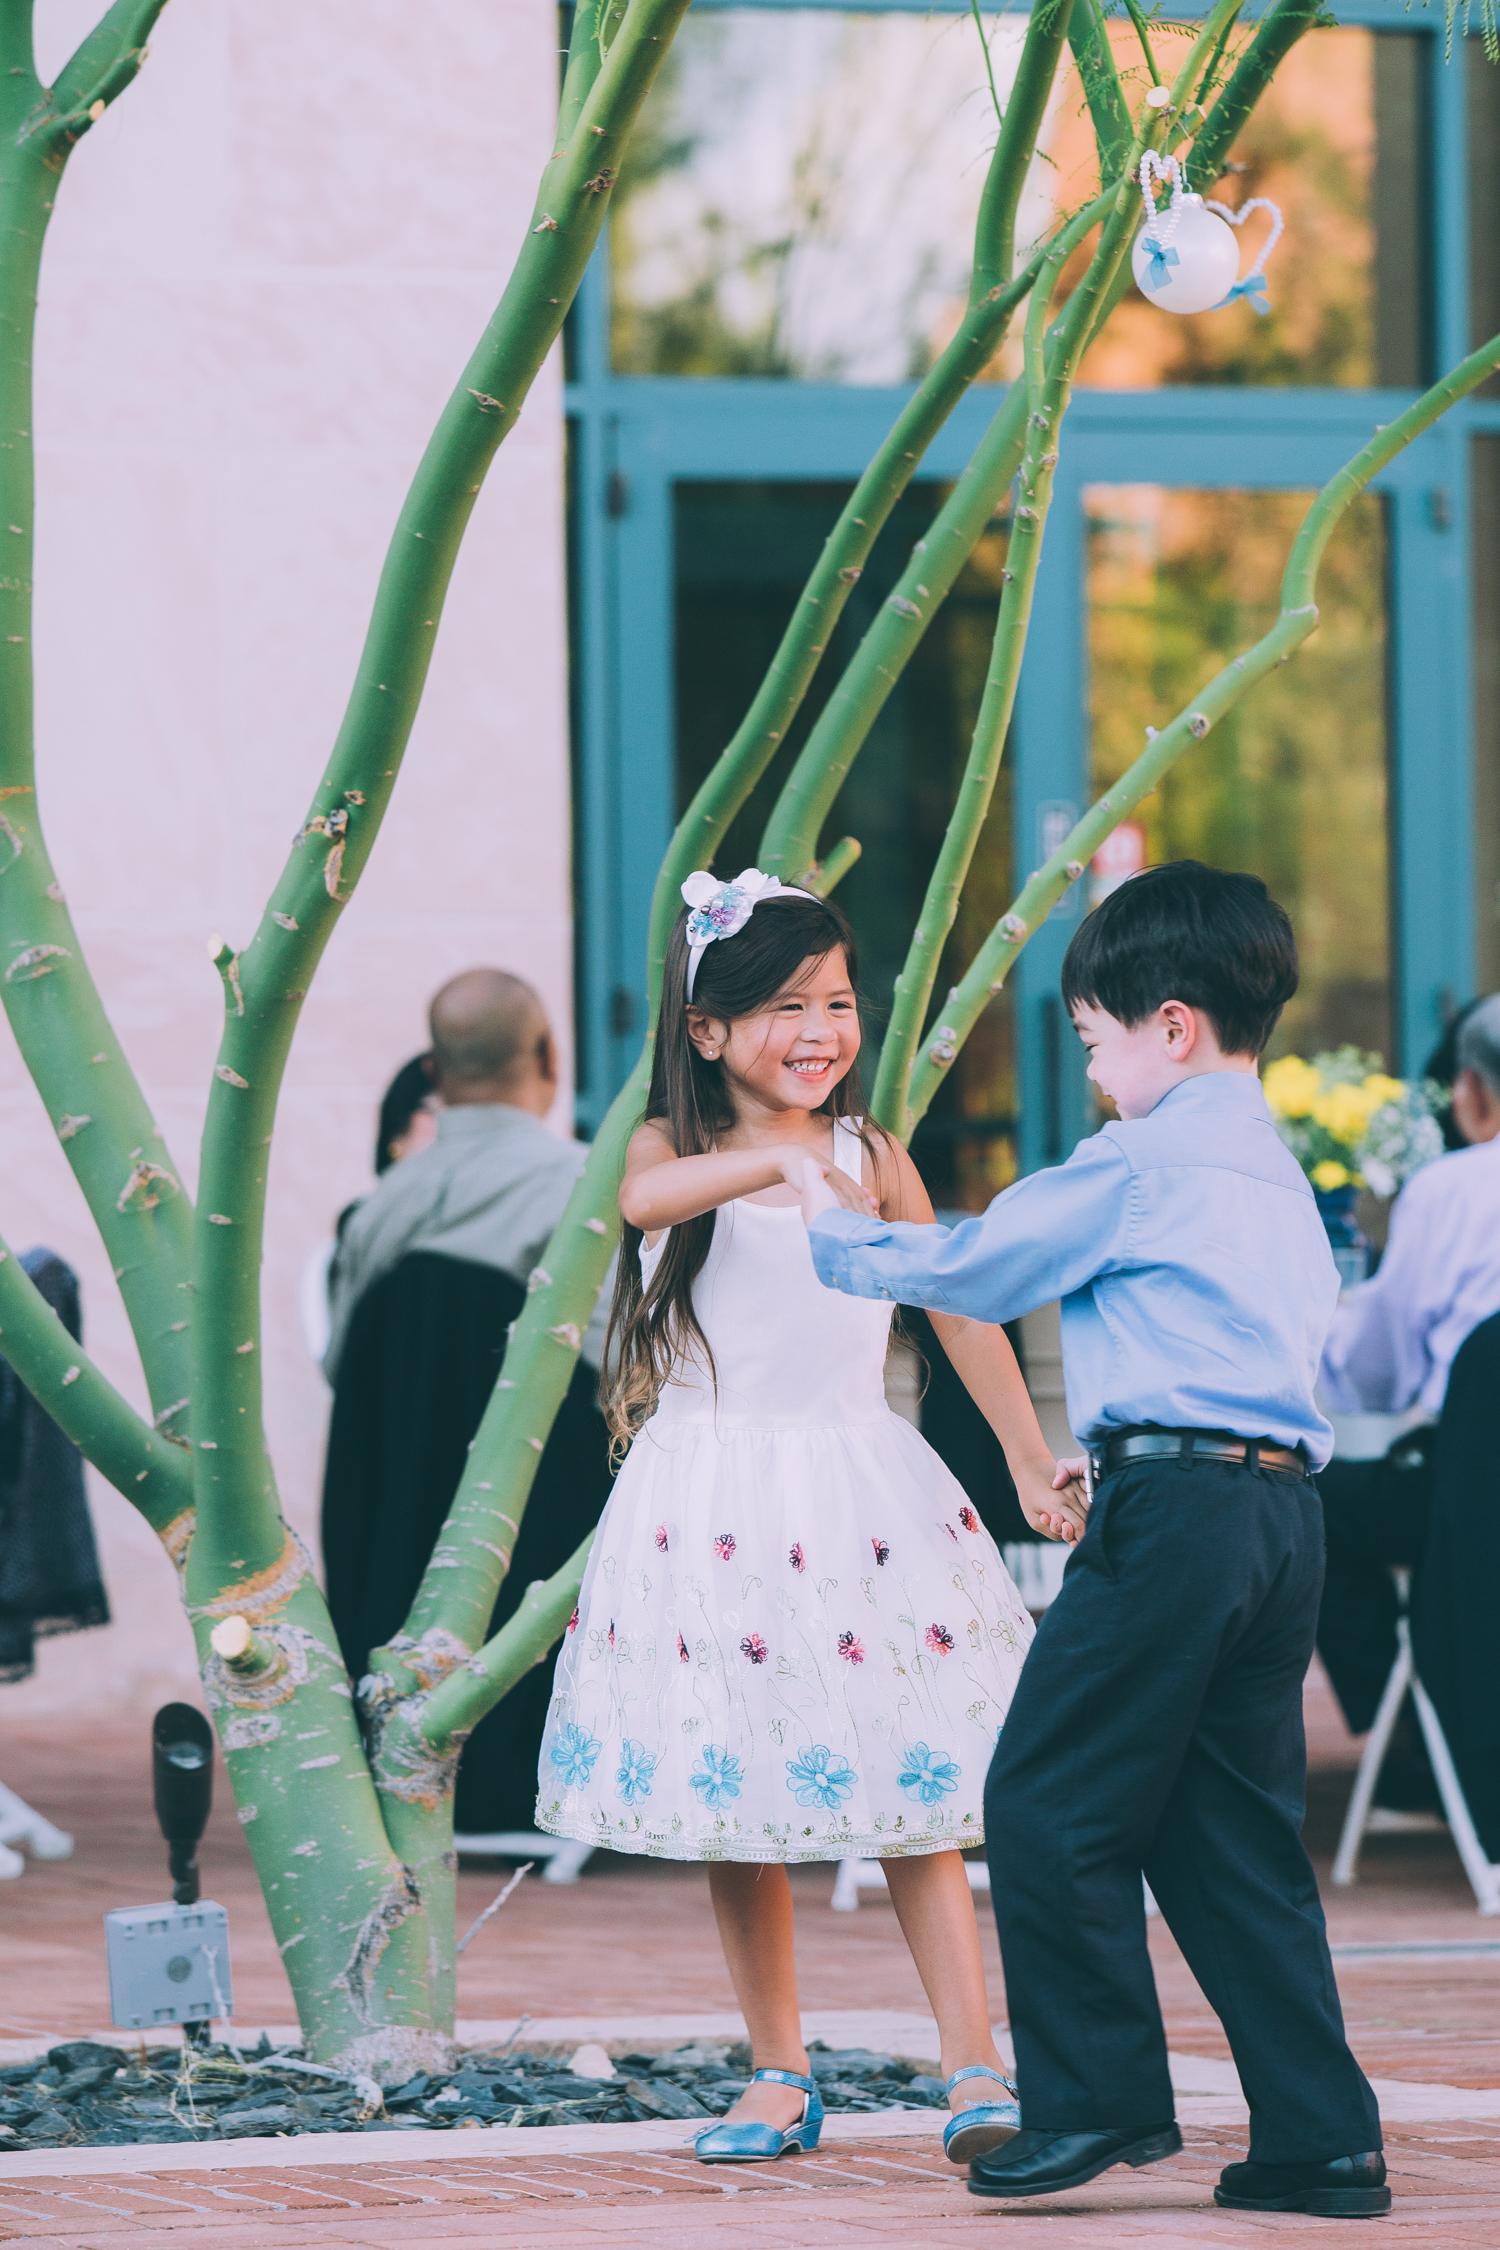 2015_09_19_CarlieandAlissas_Wedding_286.jpg